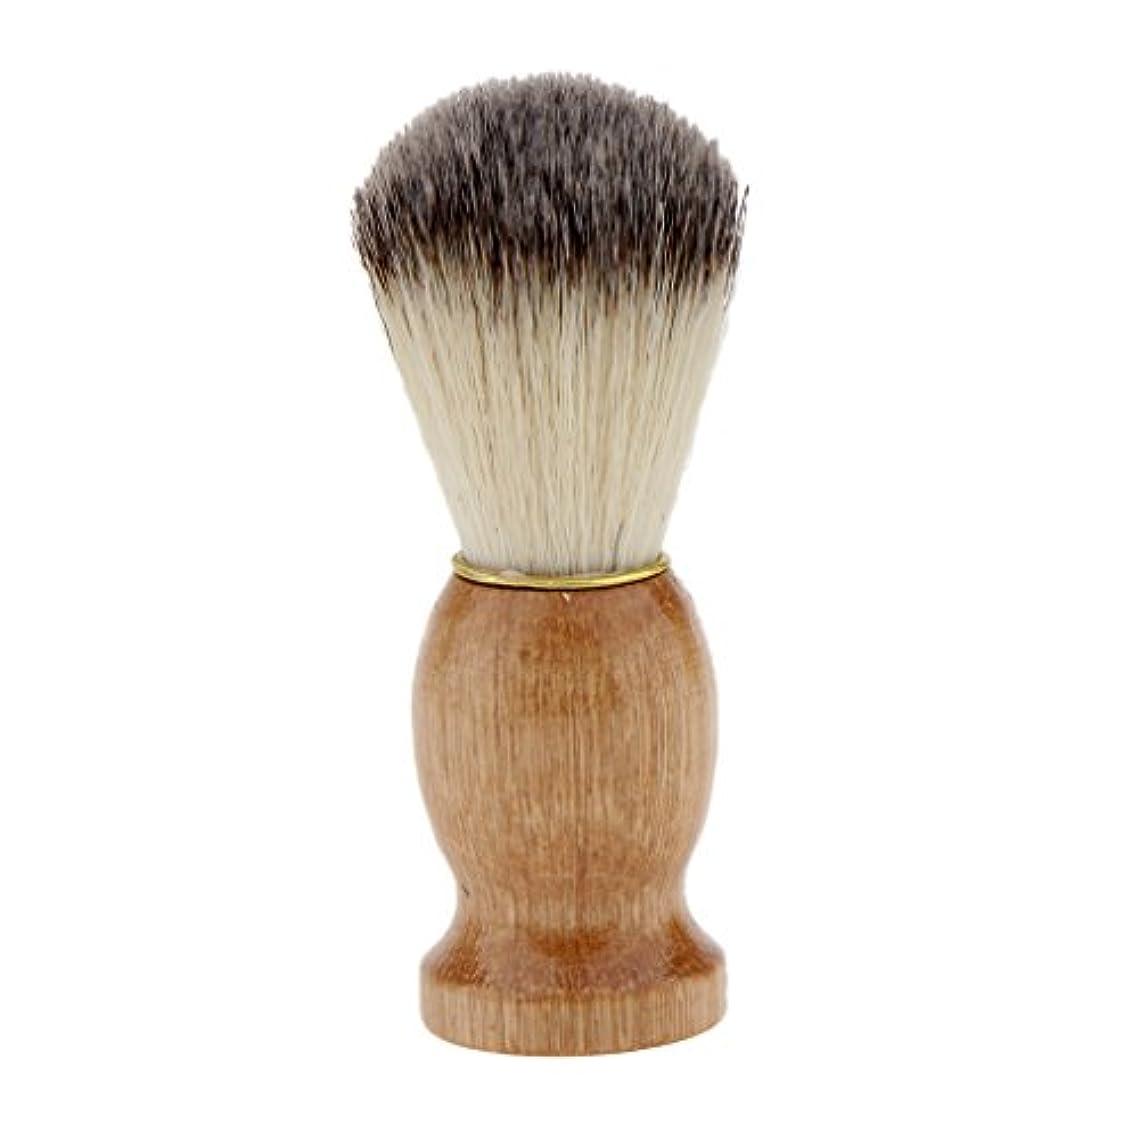 予約星甘くするシェービングブラシ 理容師 シェービングブラシ ひげ剃りブラシ コスメブラシ 木製ハンドル